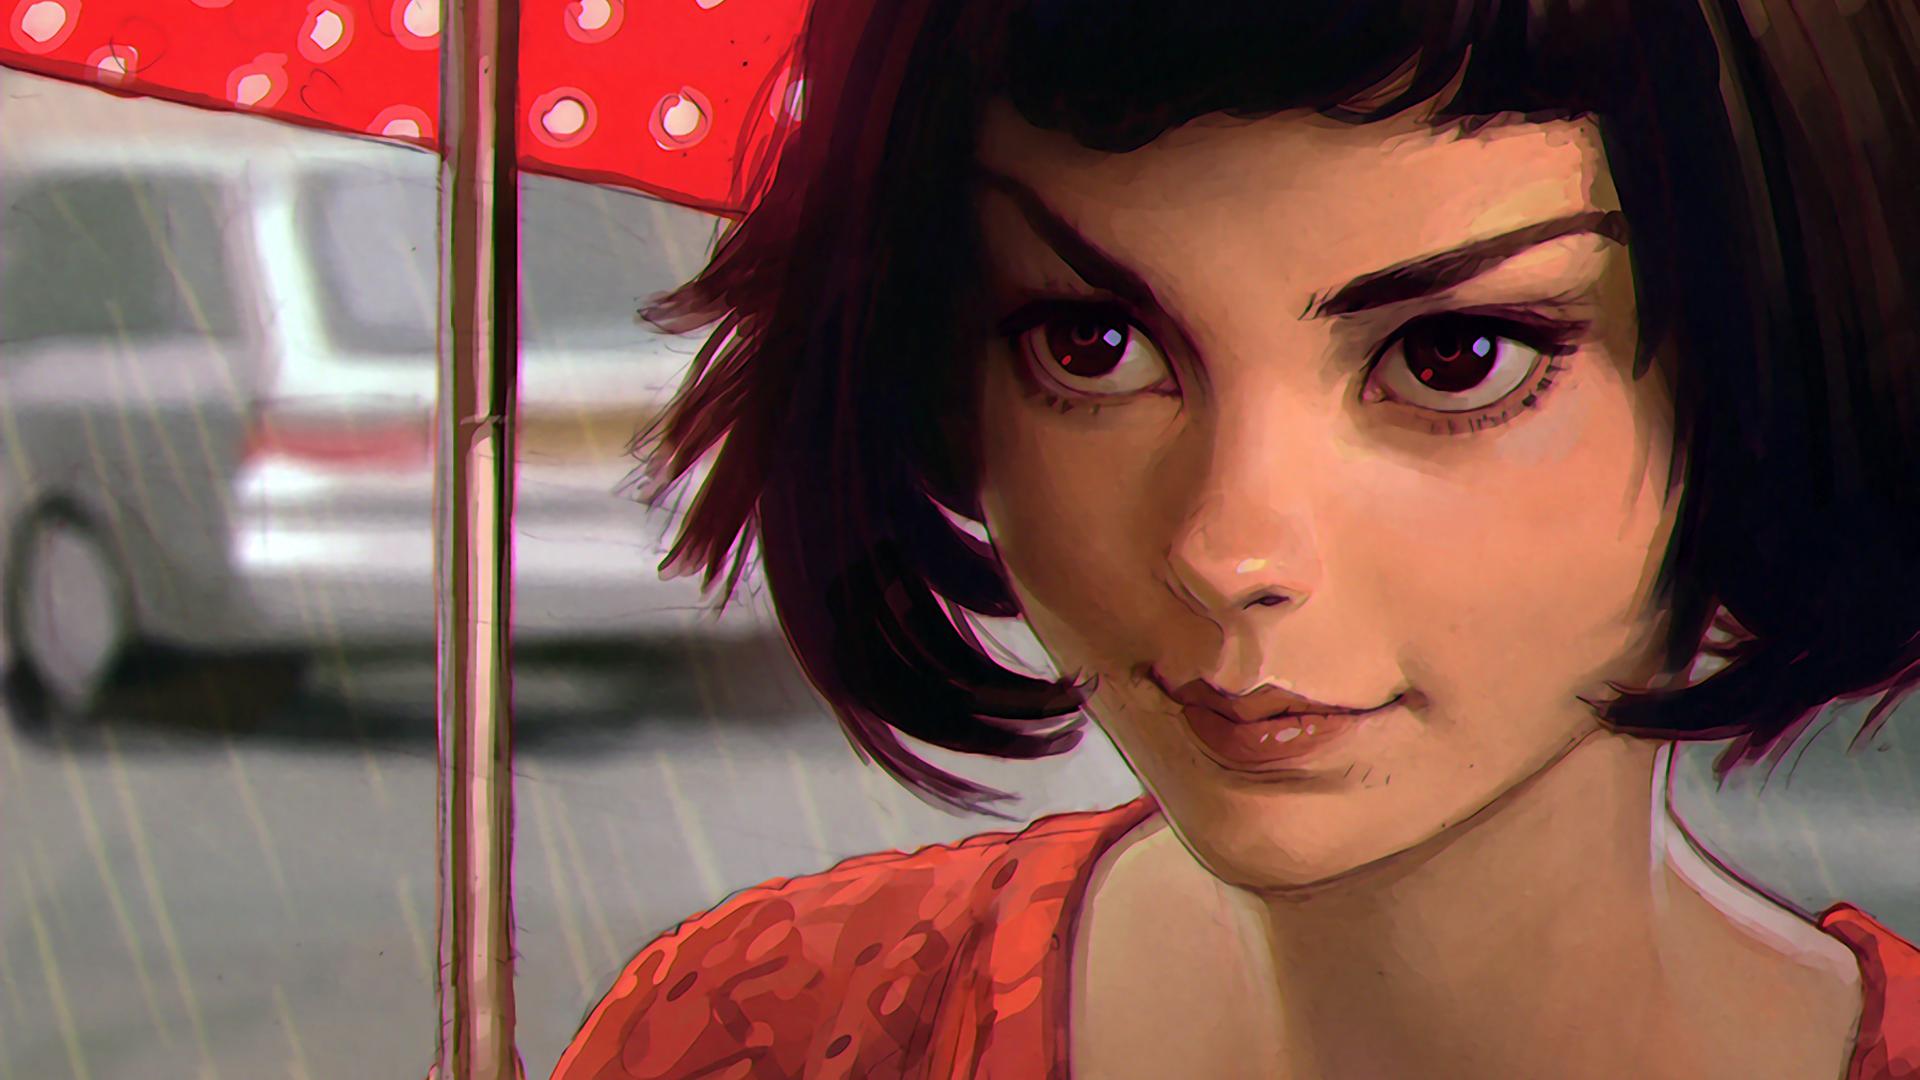 Wallpaper Face Drawing Digital Art Women Model Portrait